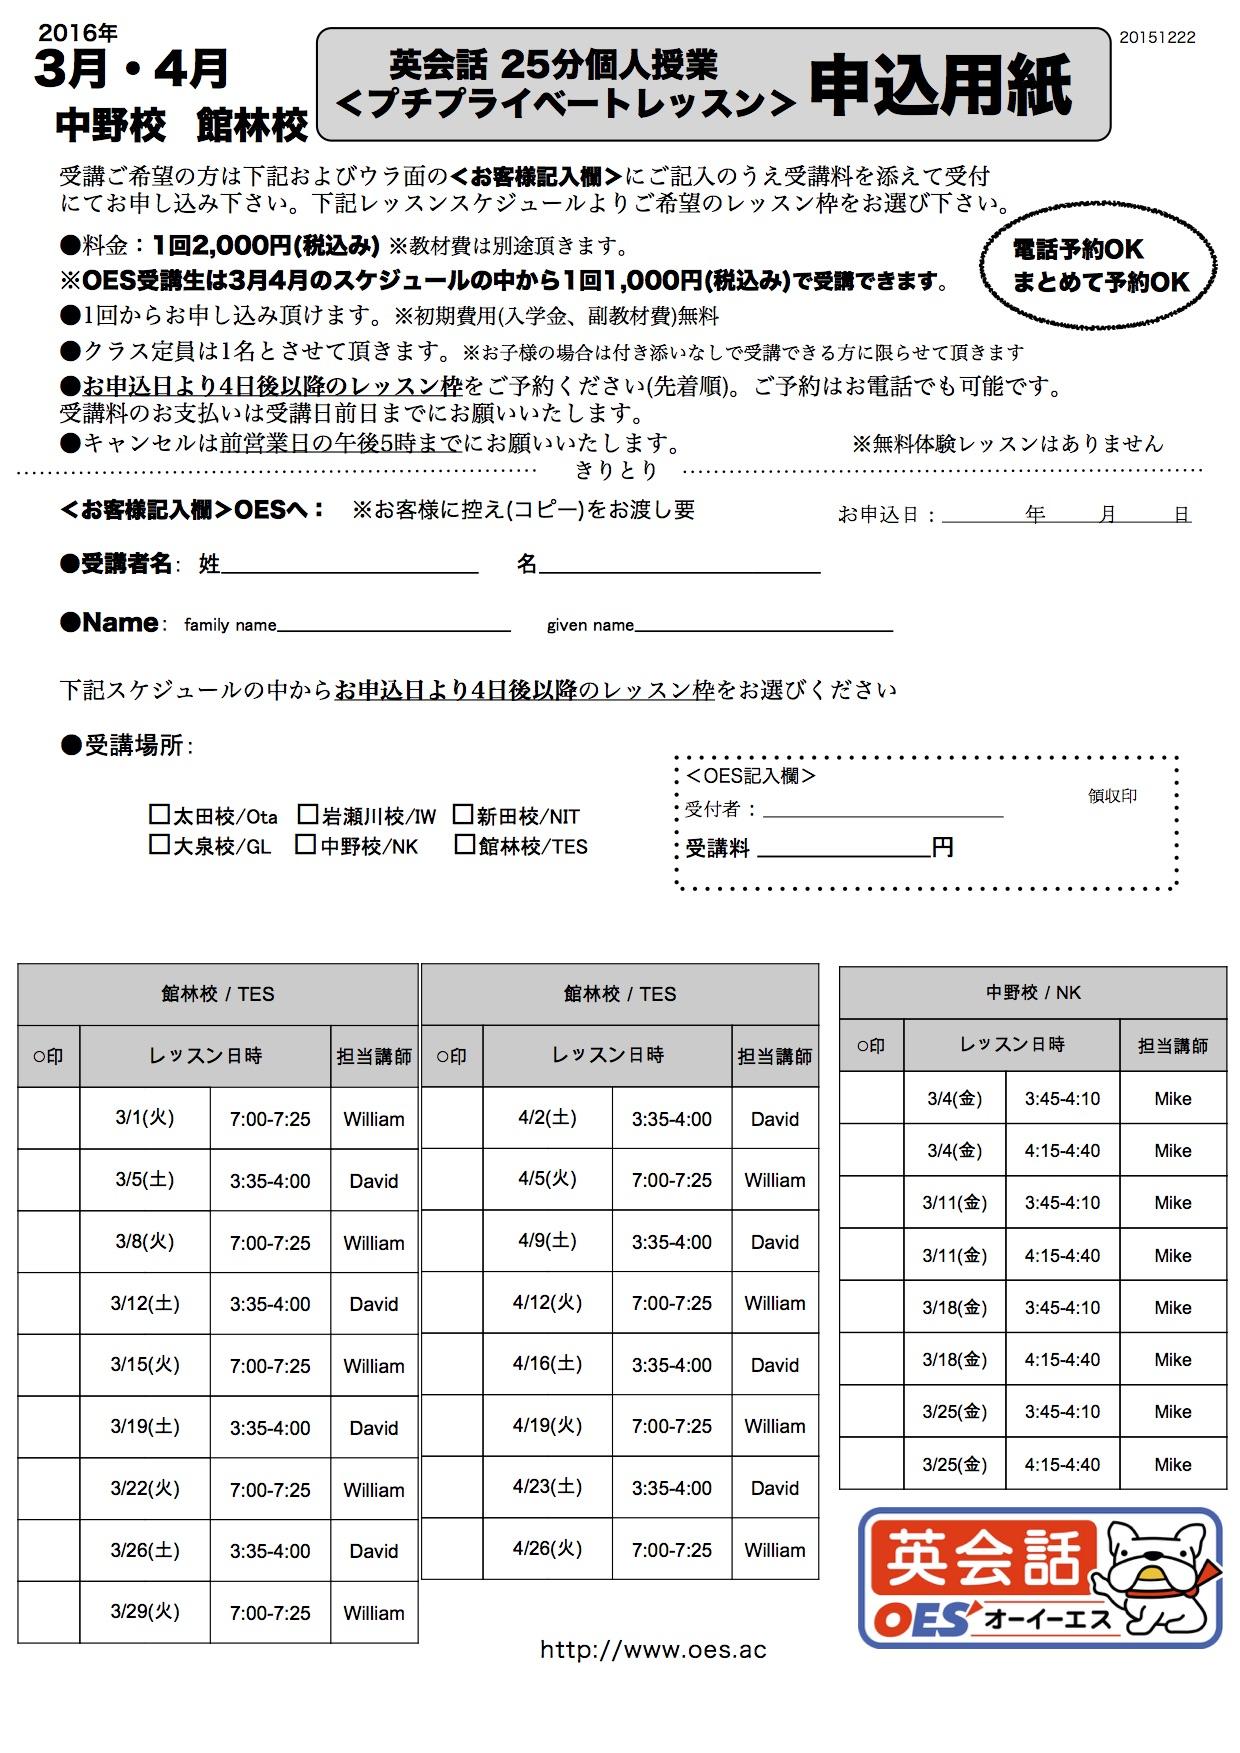 3月4月中野校/館林校 プチプライベートレッスン申込用紙